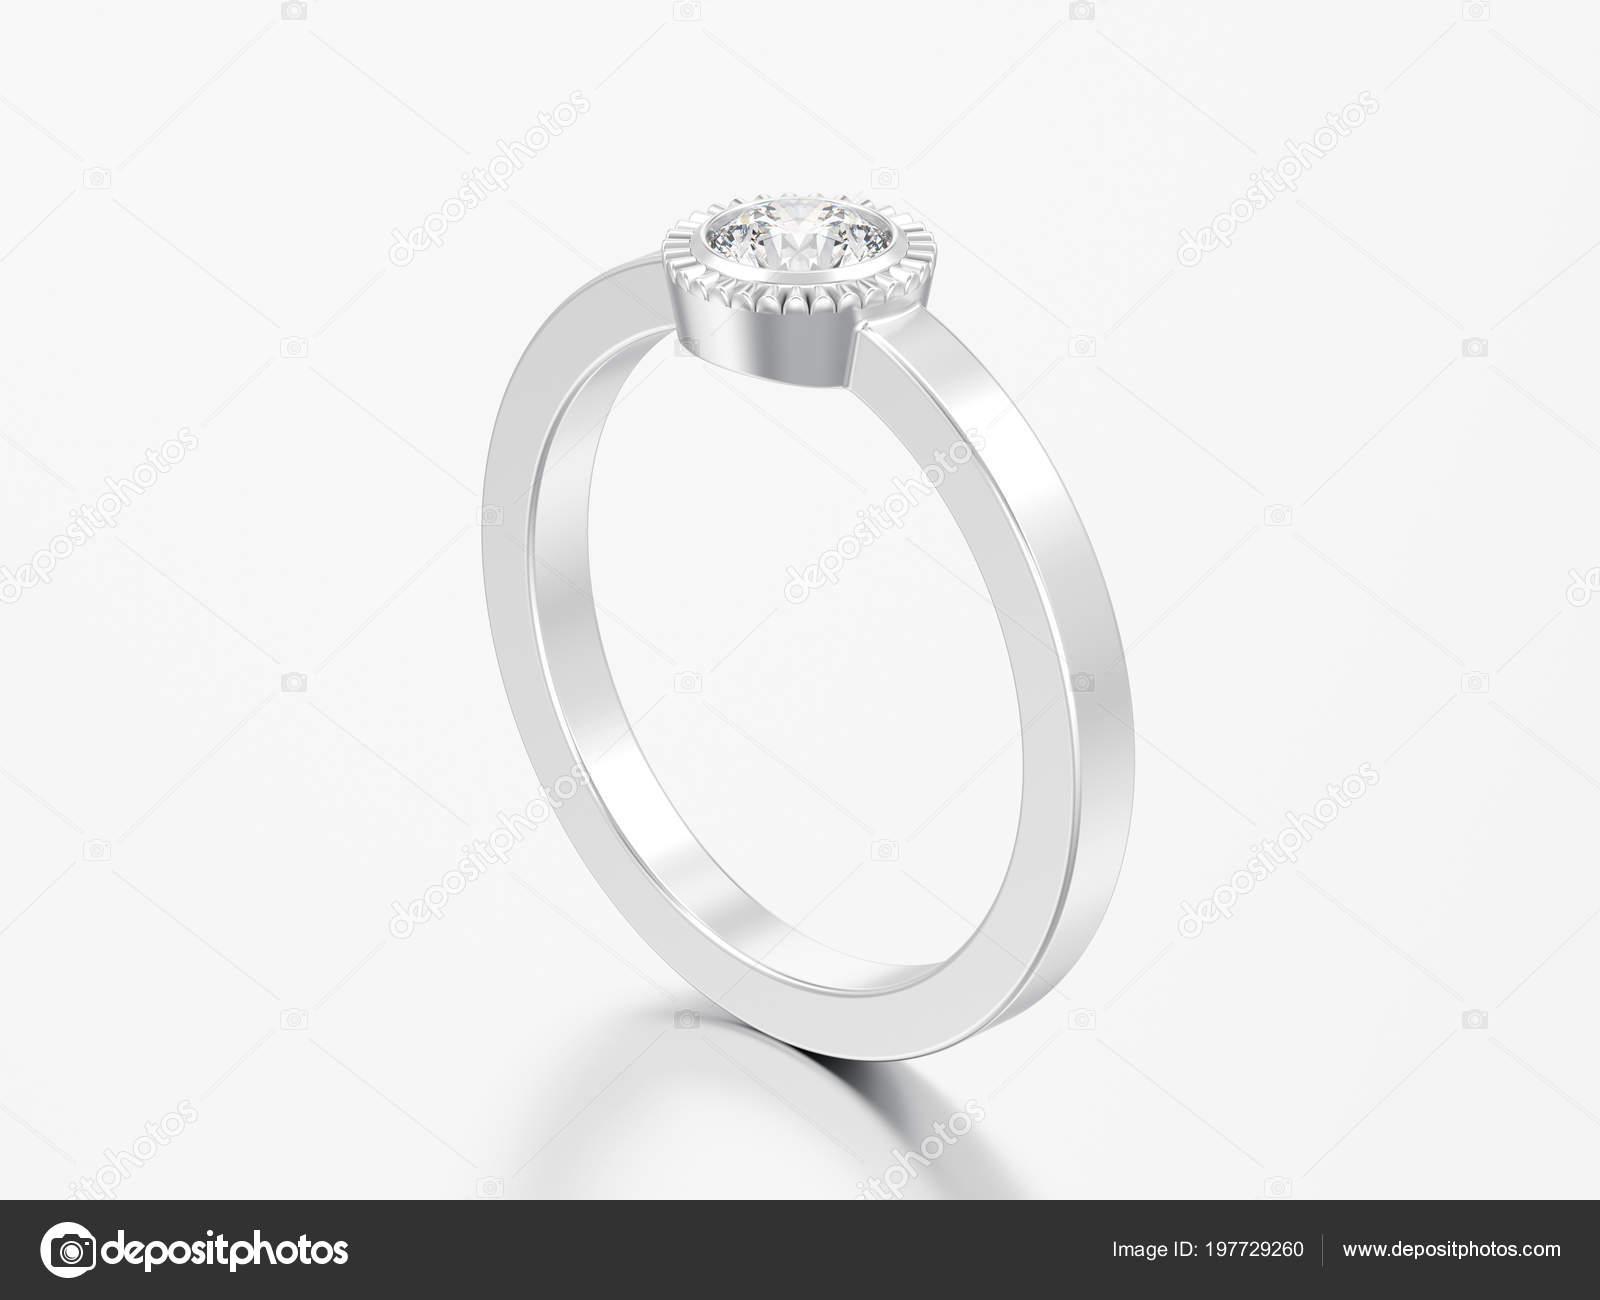 Abbildung Silberhochzeit Solitar Runder Diamant Lunette Ring Auf